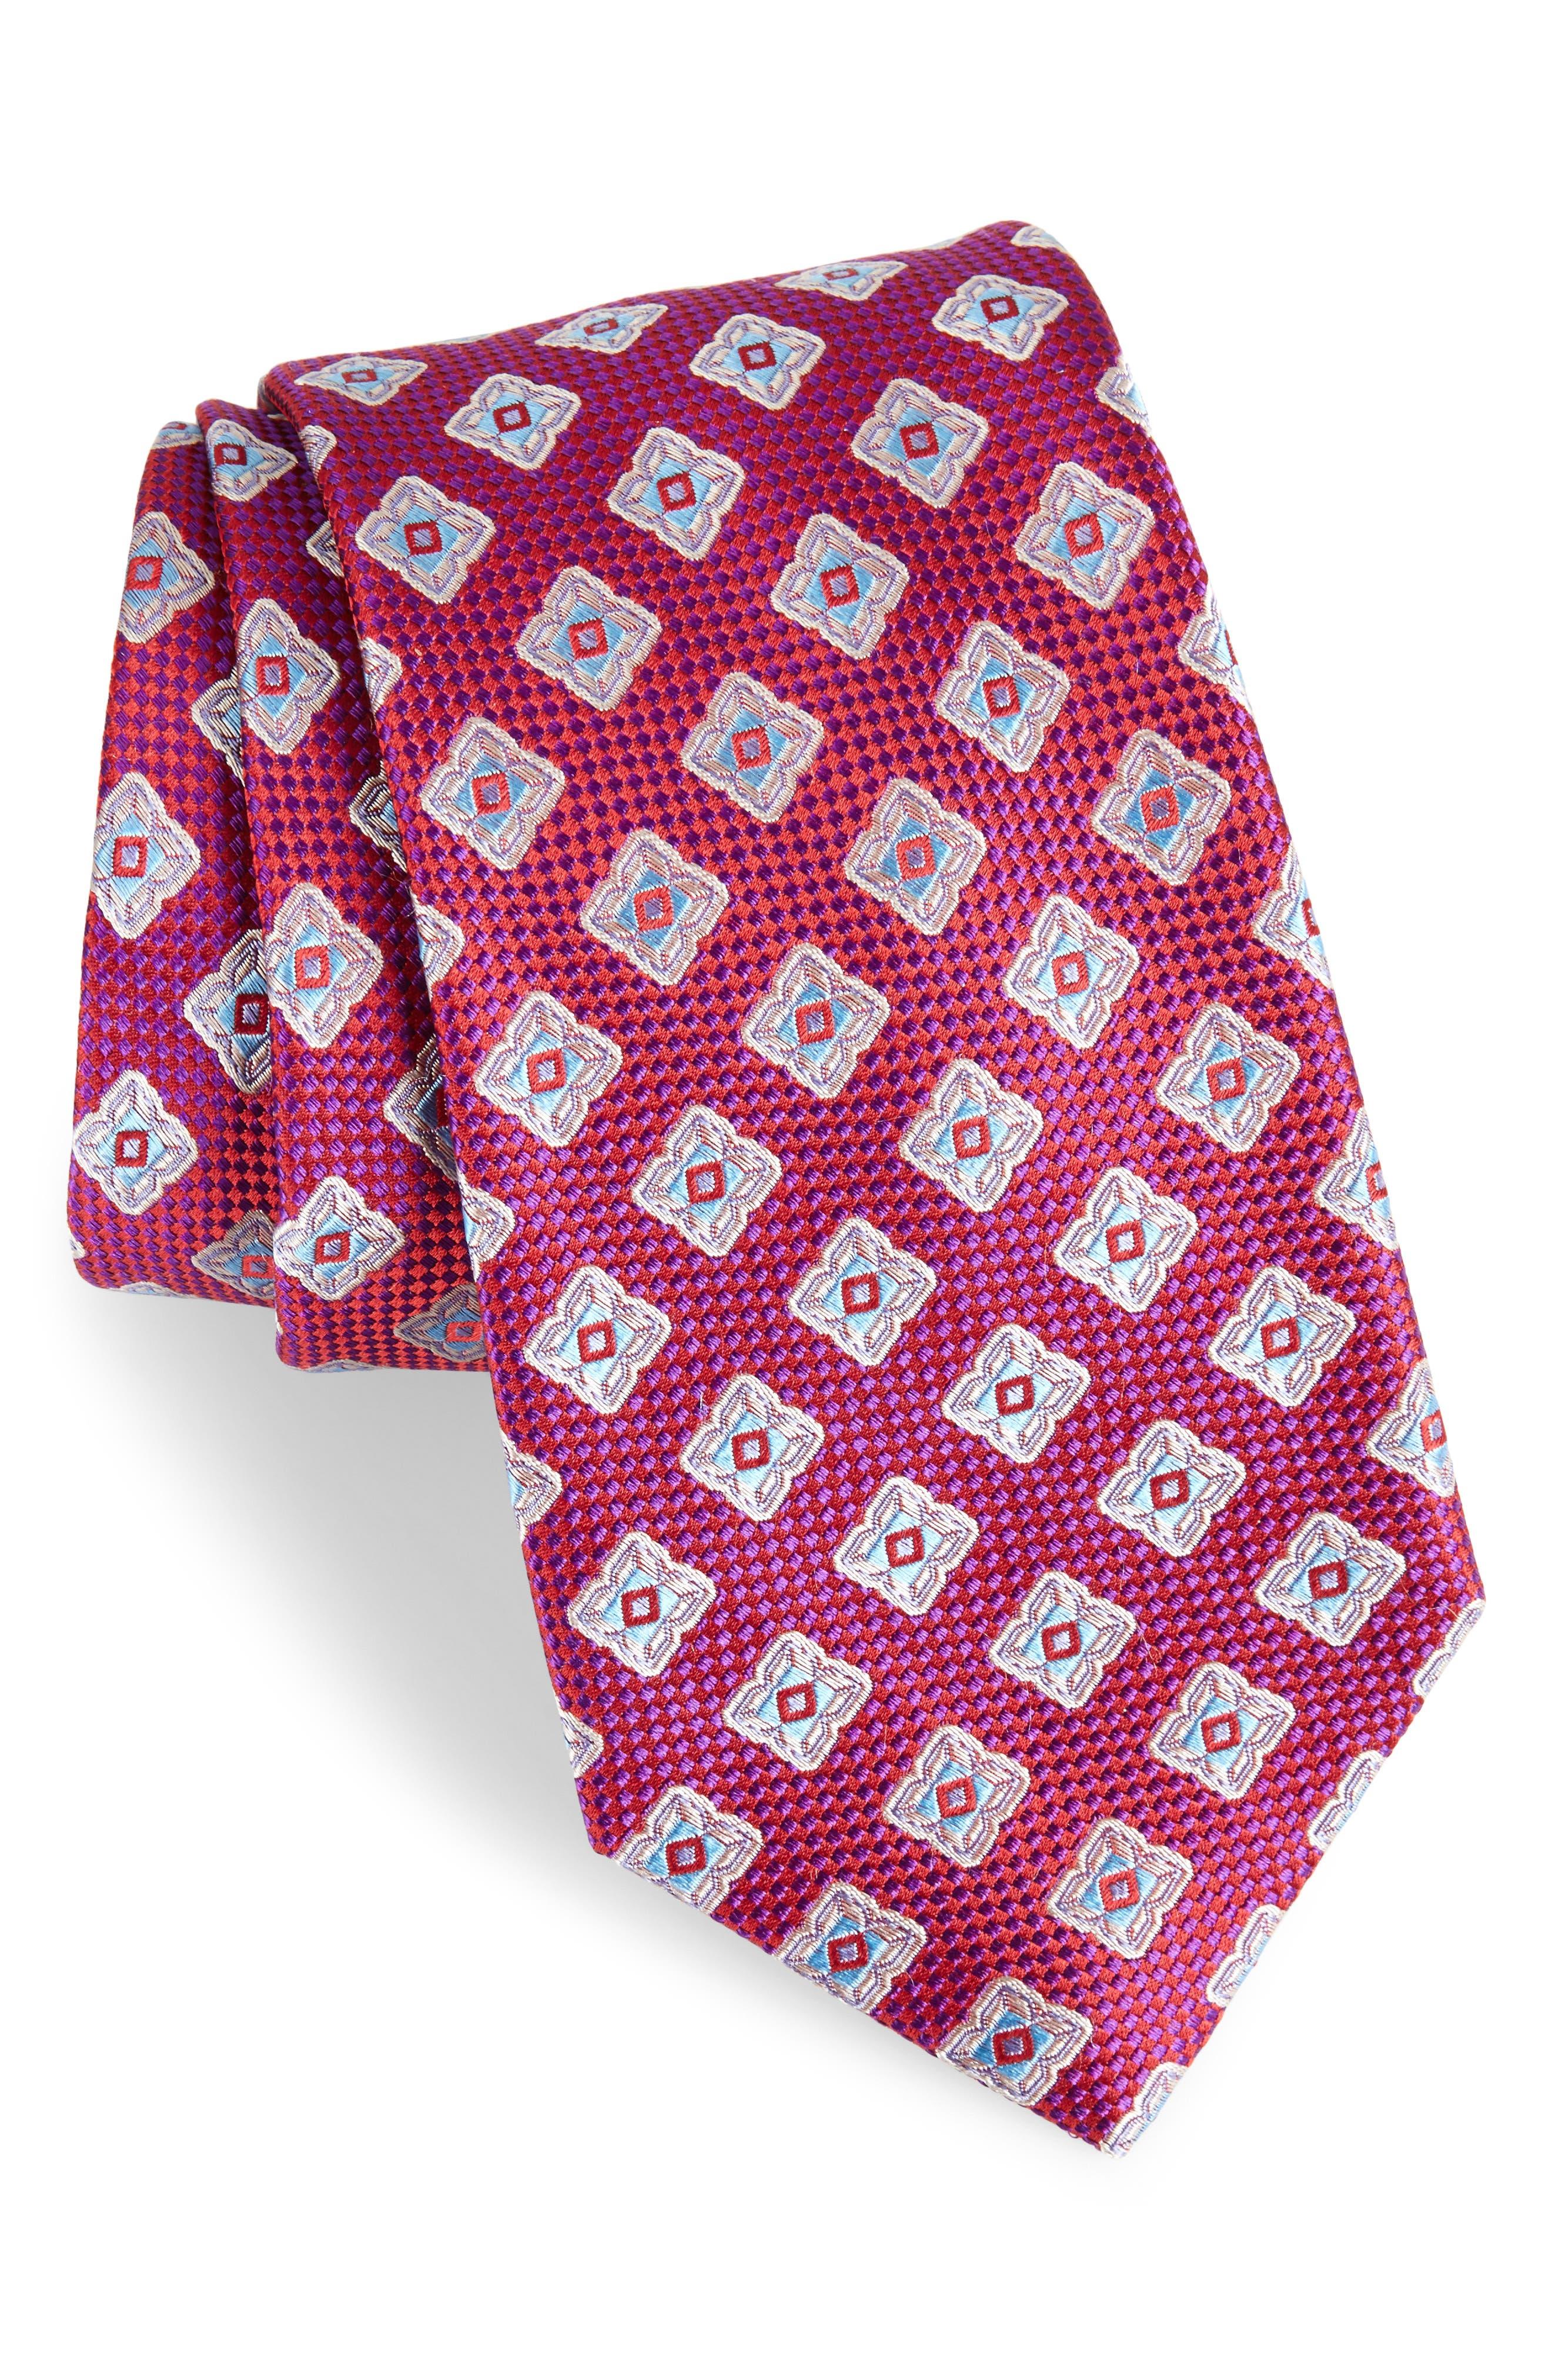 Ethan Medallion Silk Tie,                         Main,                         color, Fuchsia